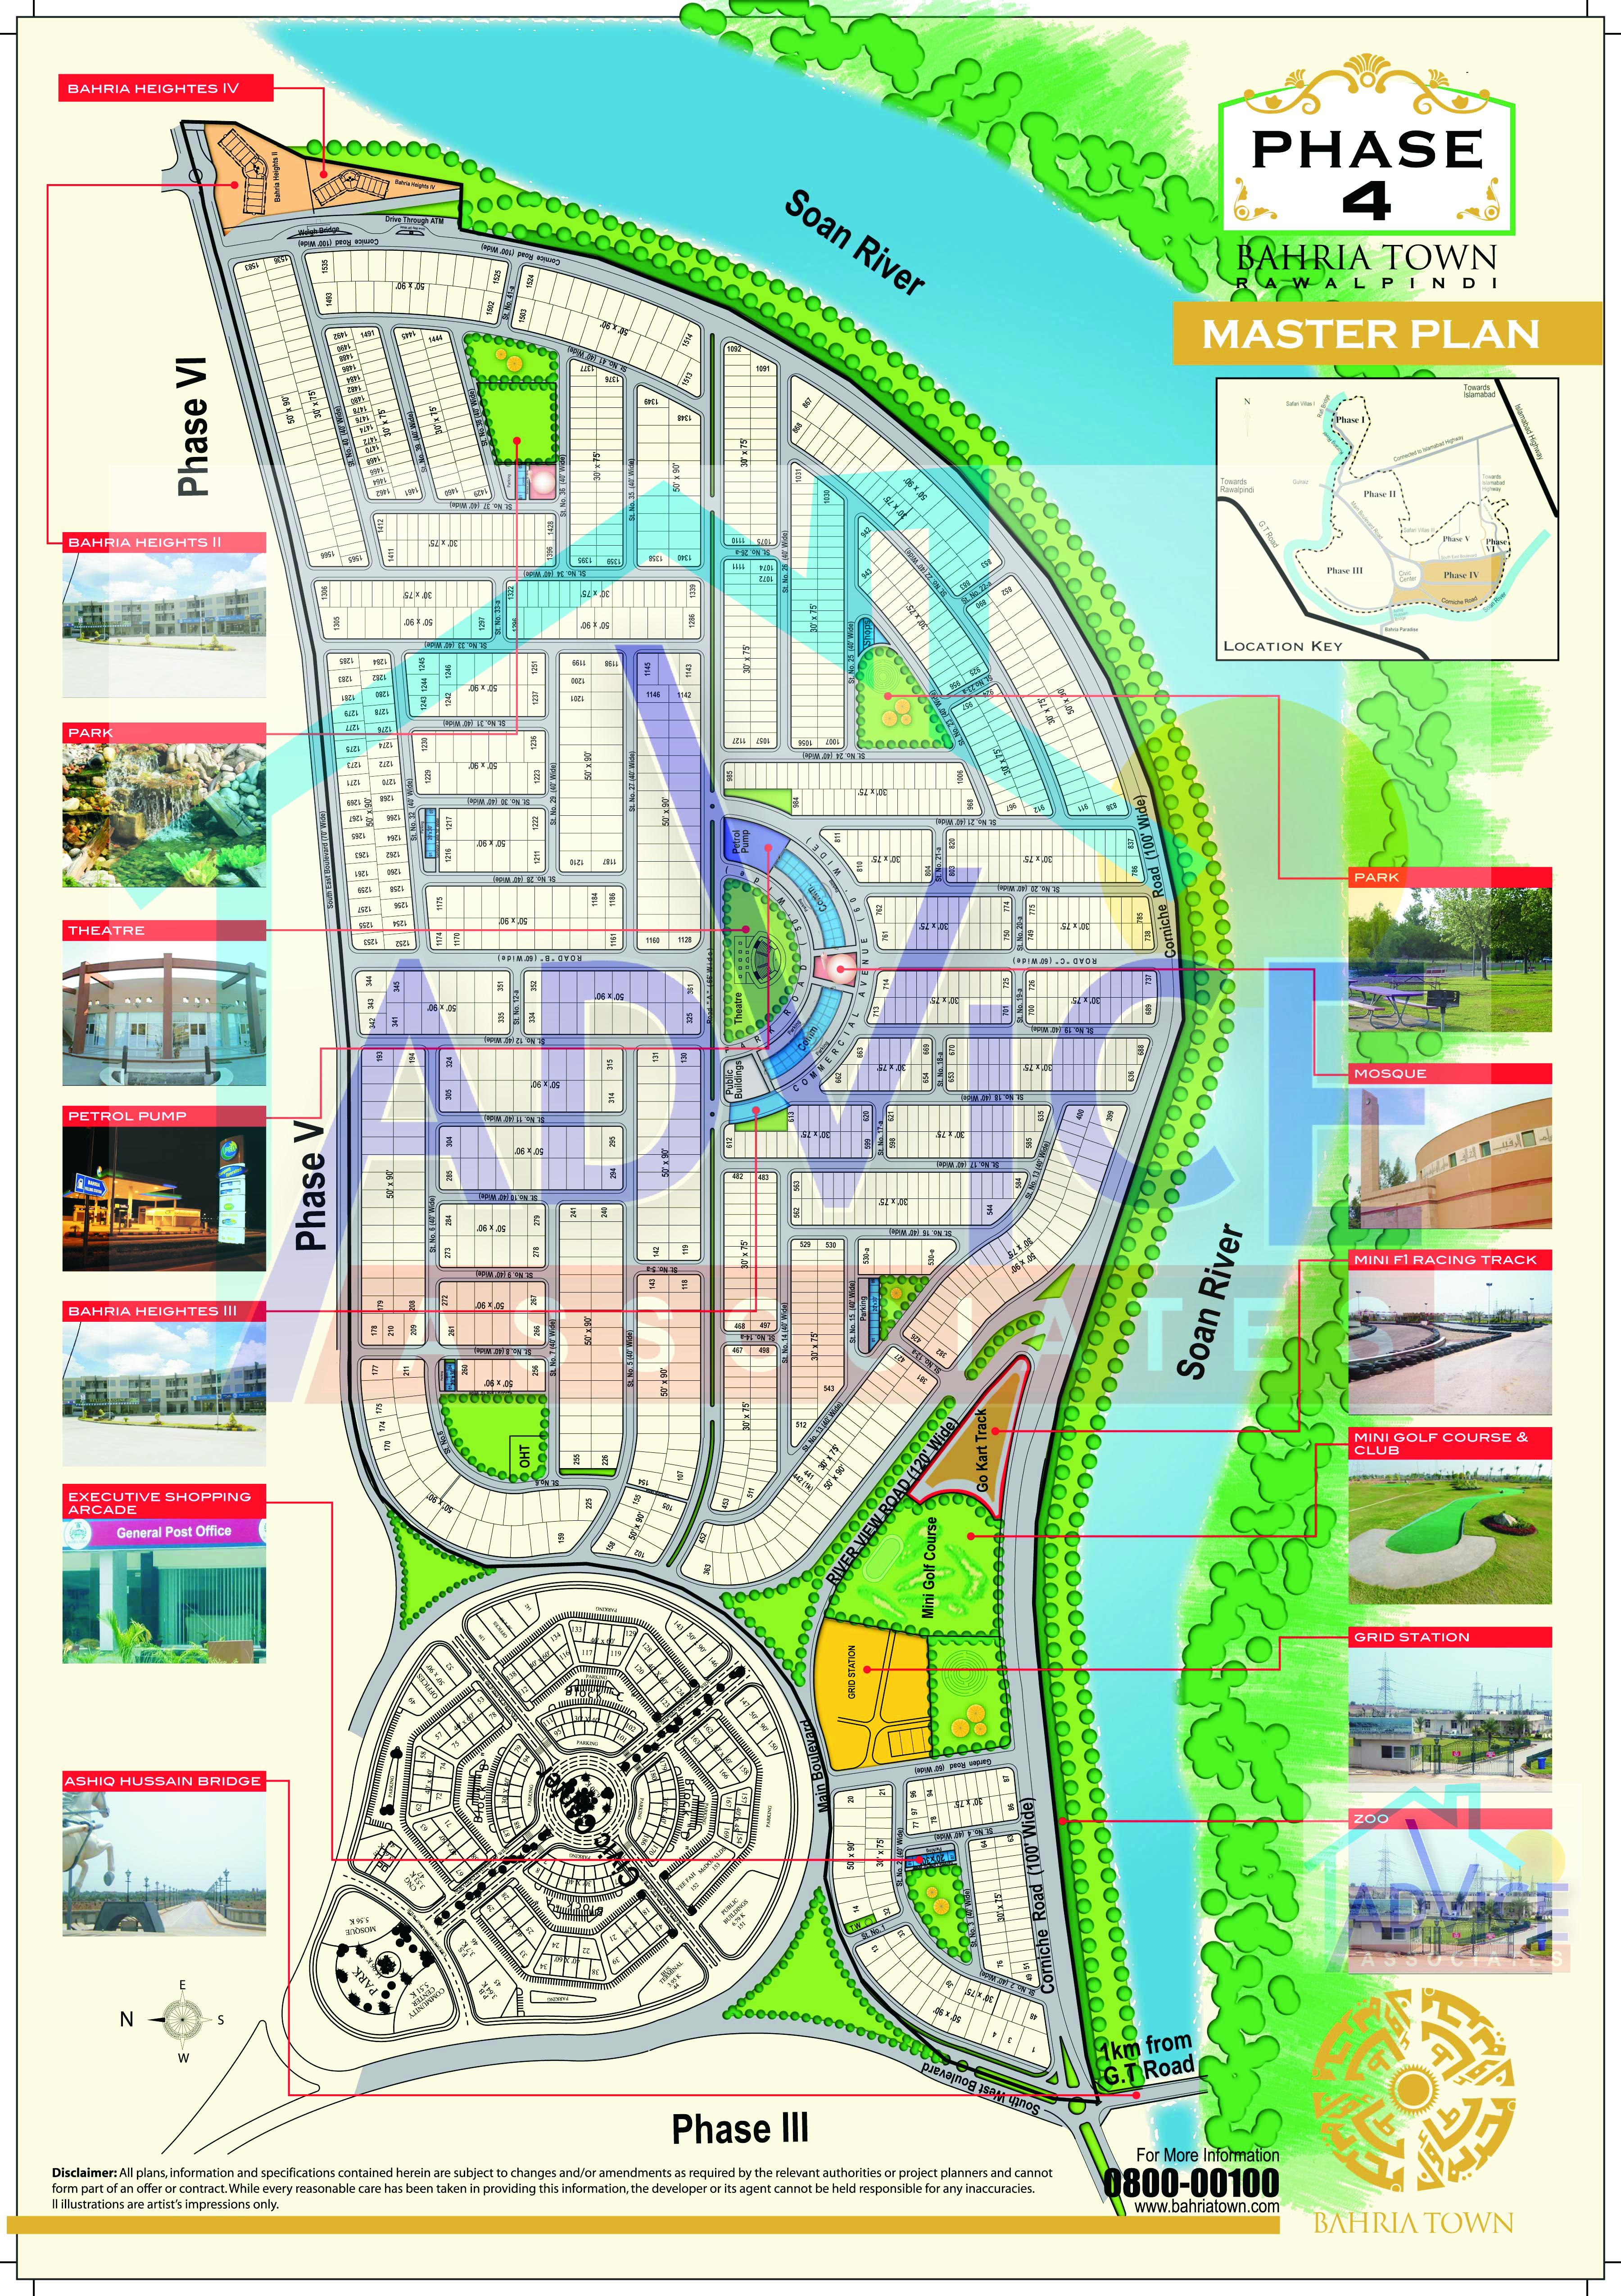 Bahria Town Phase 4